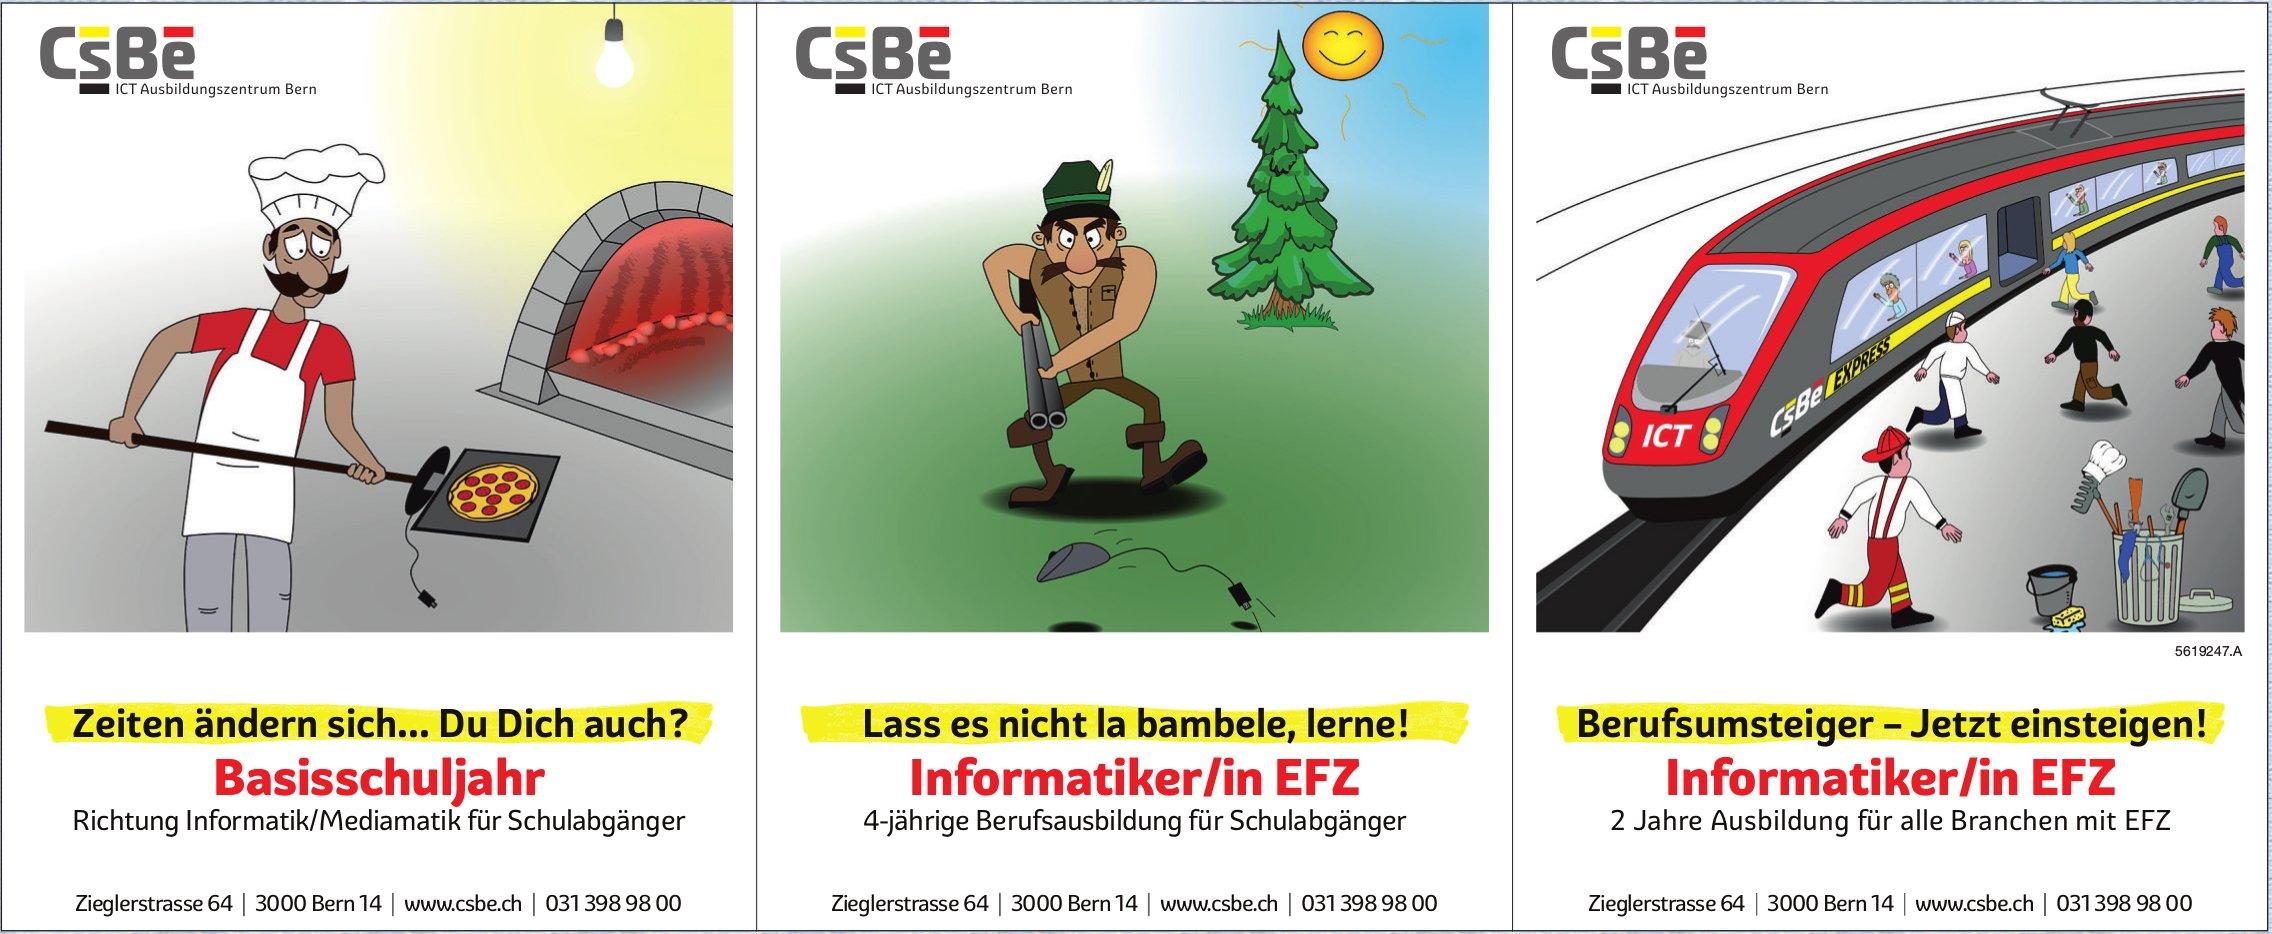 CsBe ICT Ausbildungszentrum - Basisschuljahr, Informatiker/in EFZ